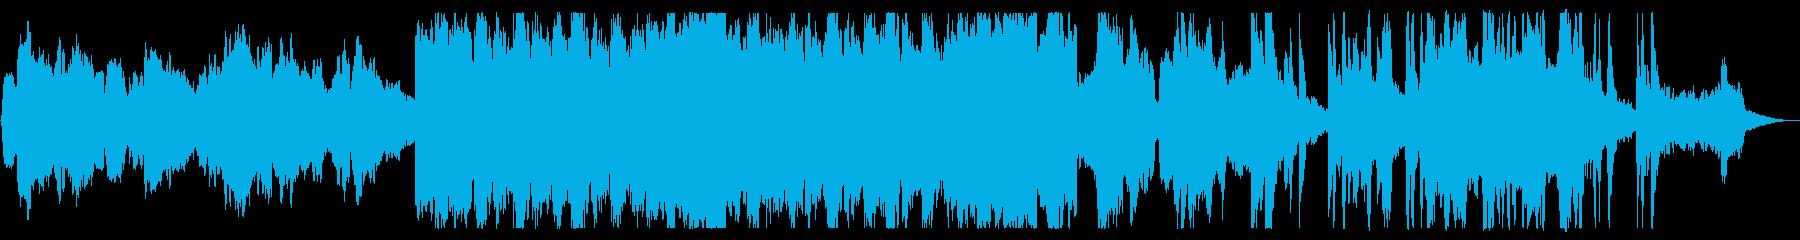 ほのぼのとしたオーケストラ曲の再生済みの波形